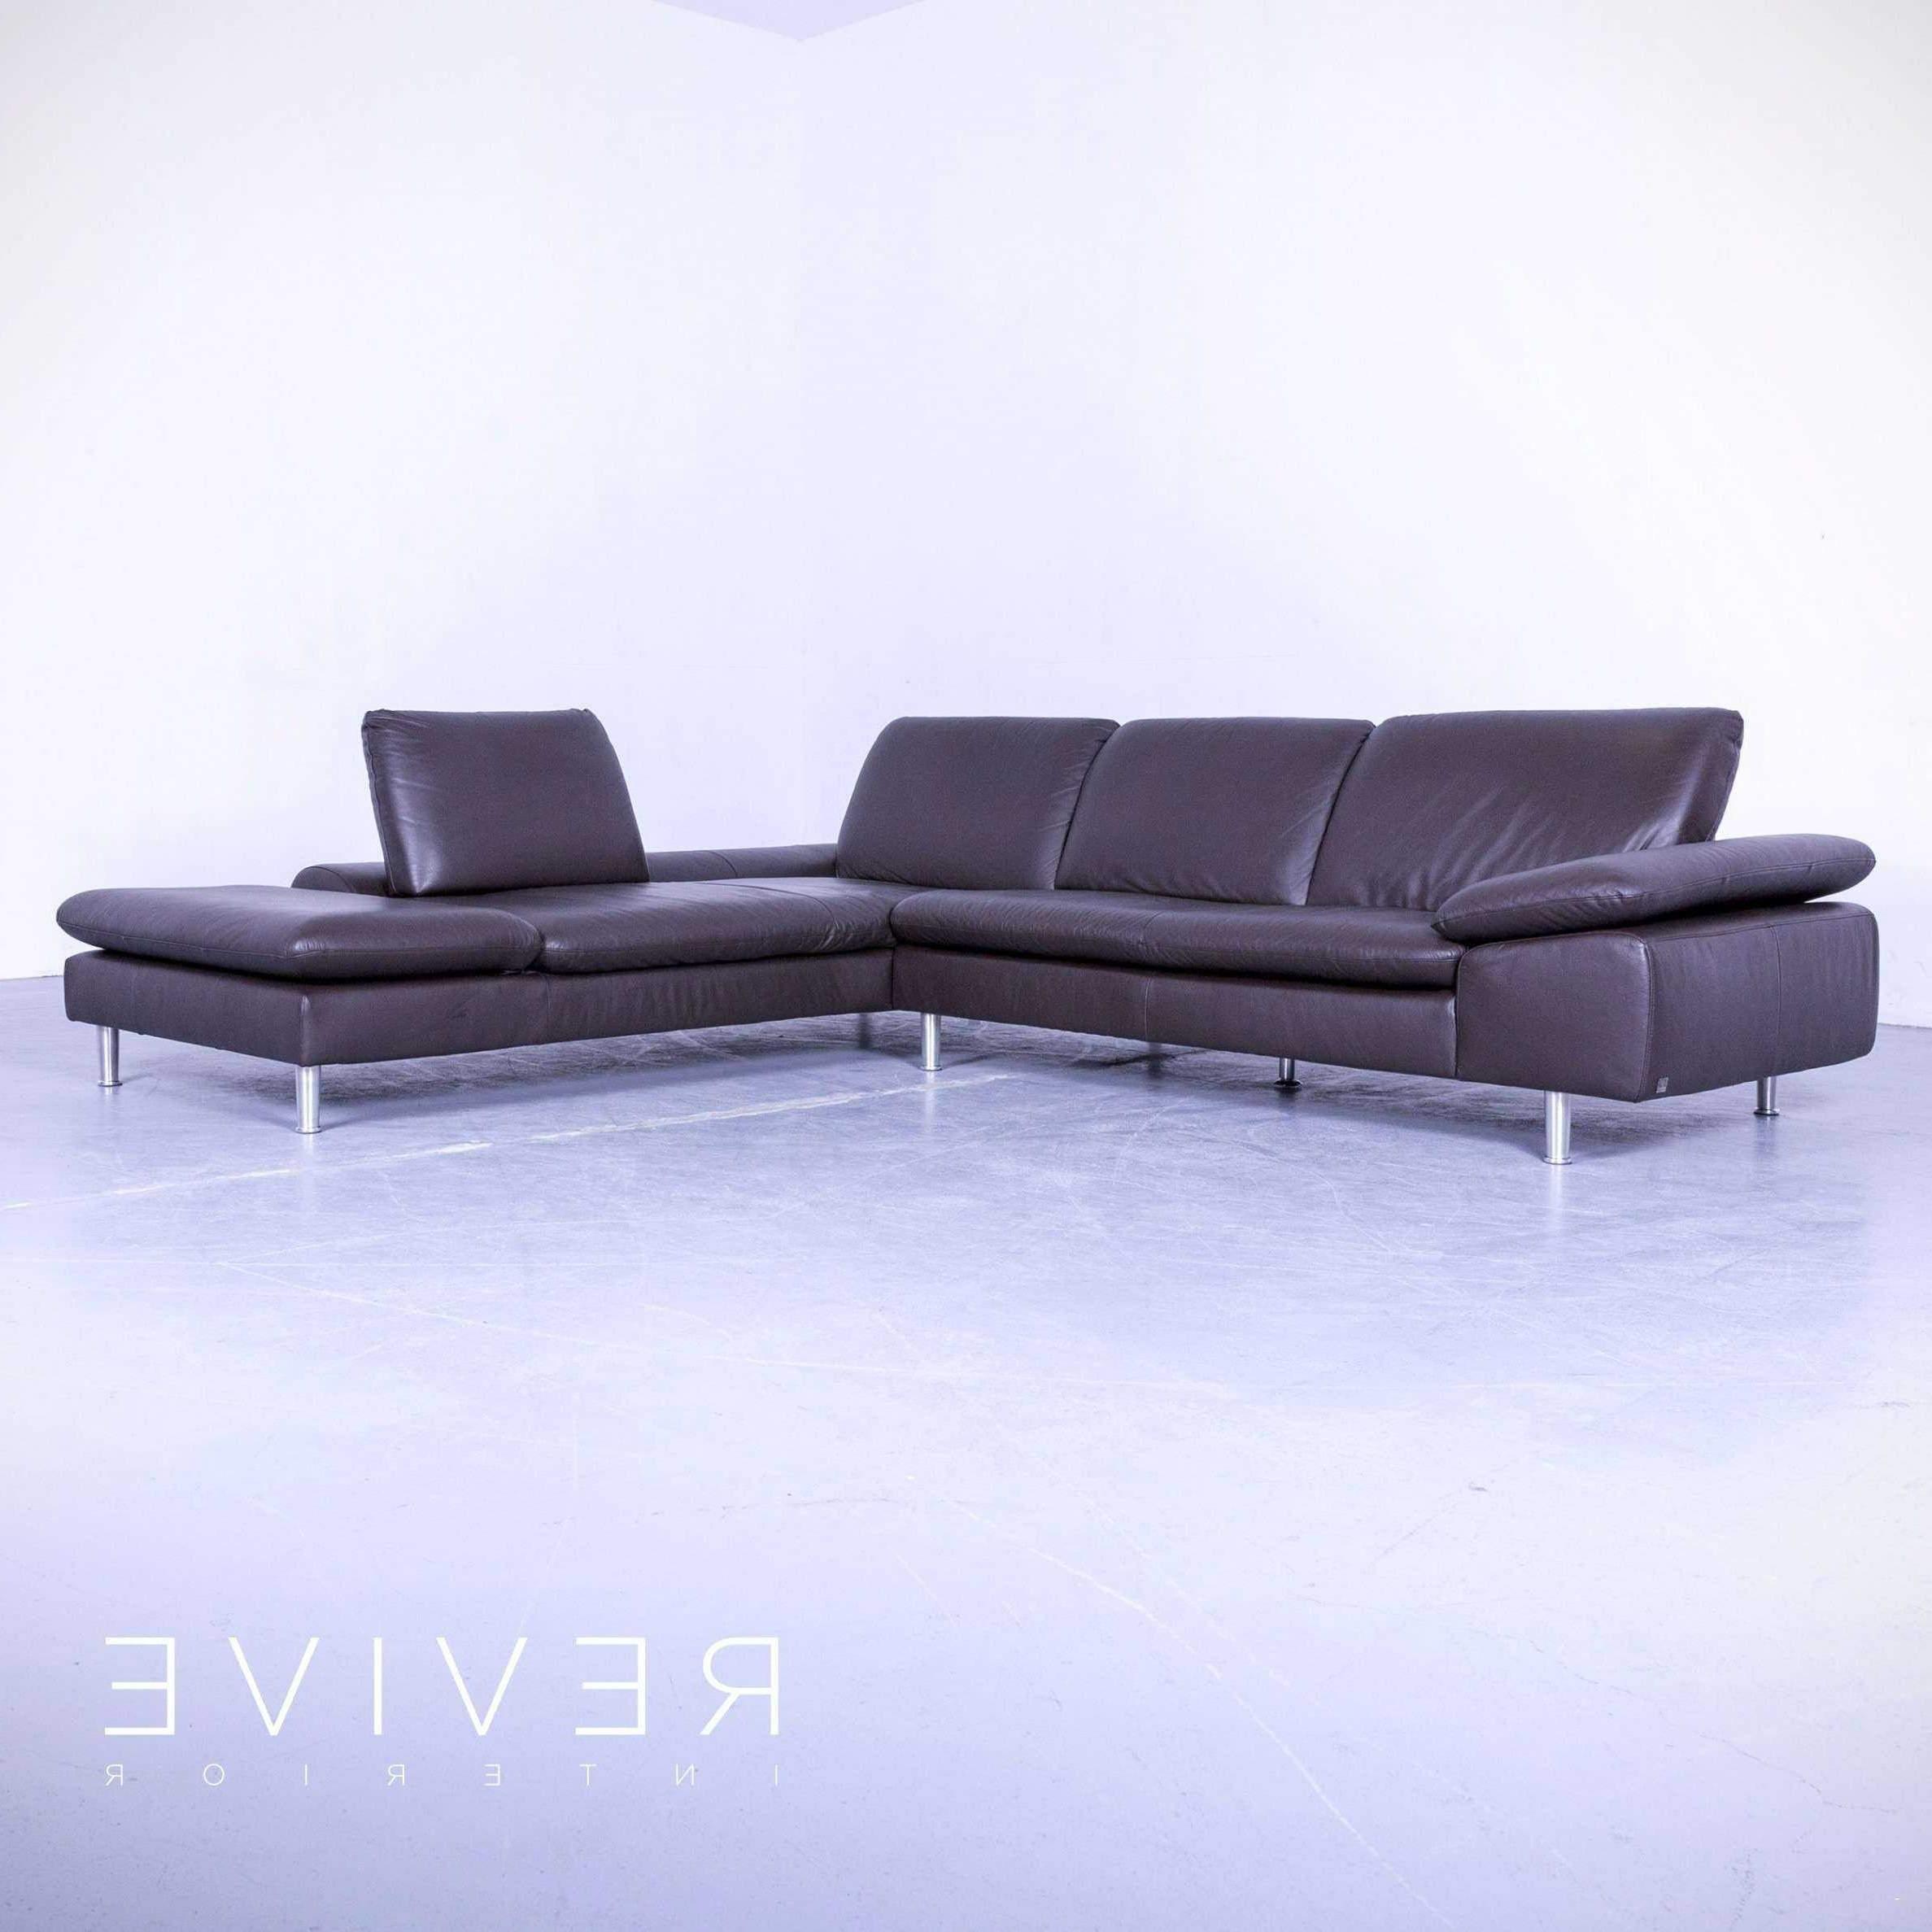 40 luxus von sofa grau leder planen xgg6ketf of couch billig kaufen